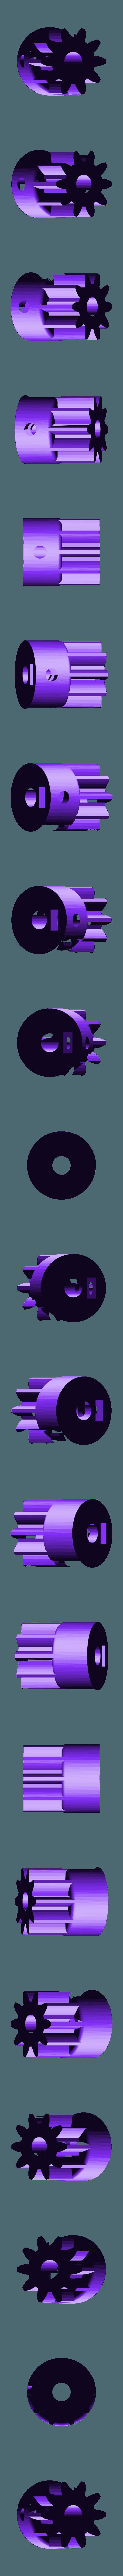 small_gear.stl Télécharger fichier STL gratuit Extrudeuse à engrenages utilisant le pilote d'extrudeuse M8 • Plan pour imprimante 3D, Job